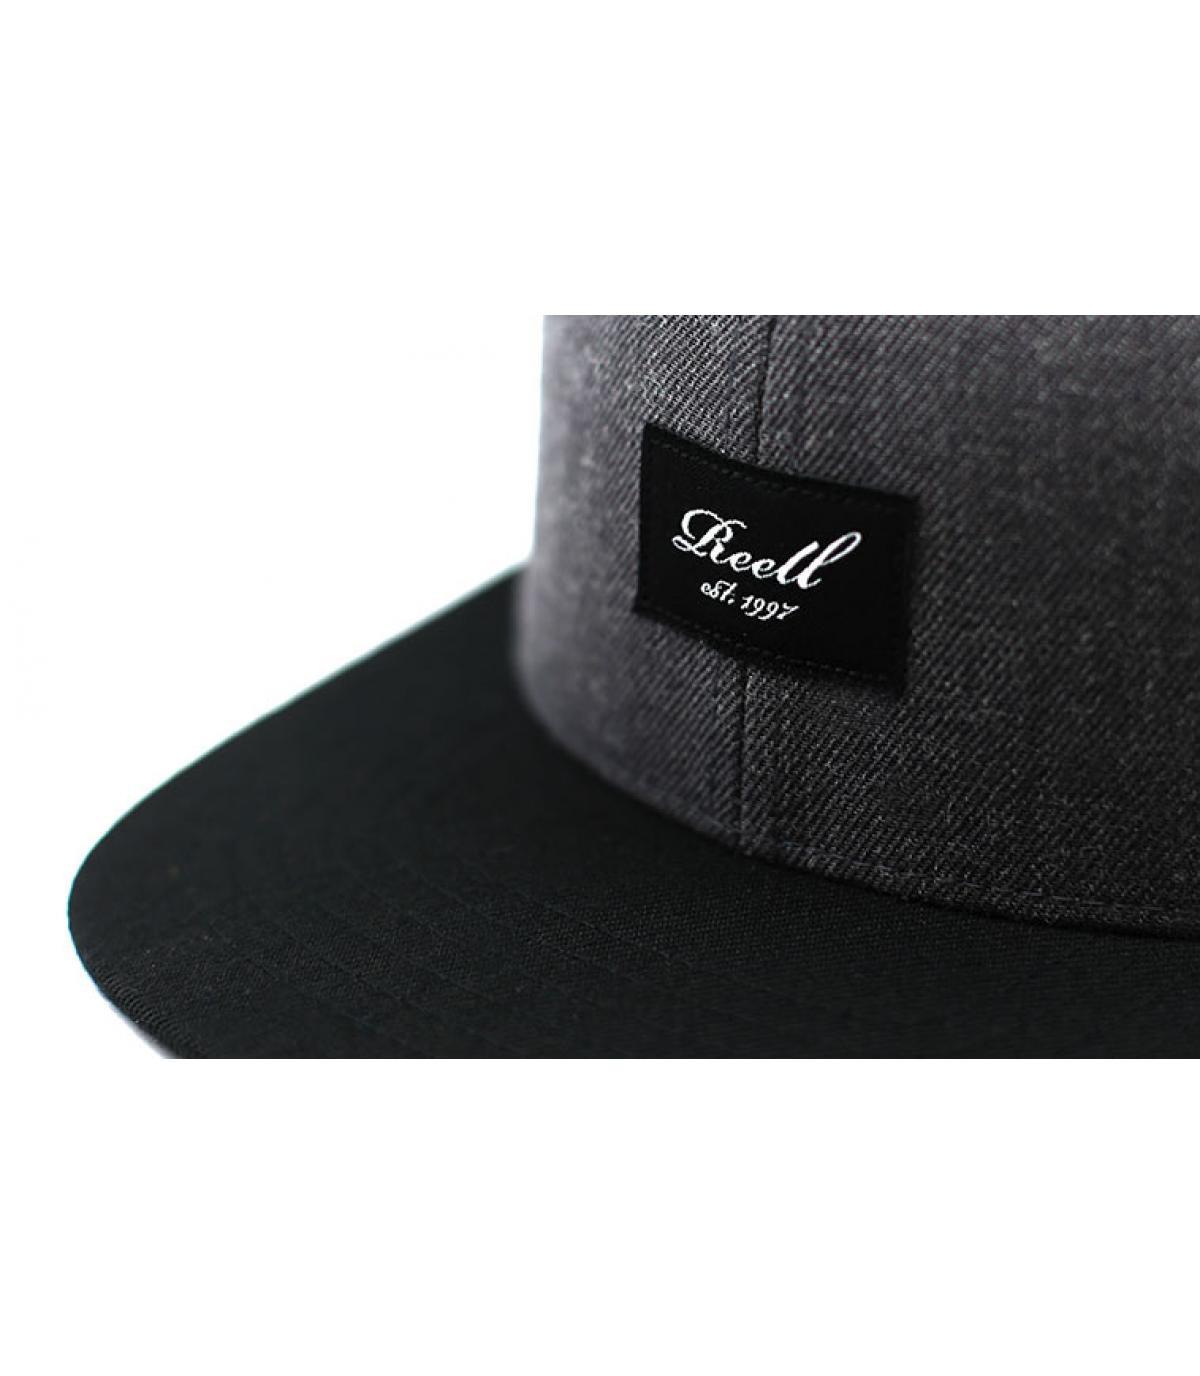 Détails Pitchout Cap 2 heather charcoal black - image 3